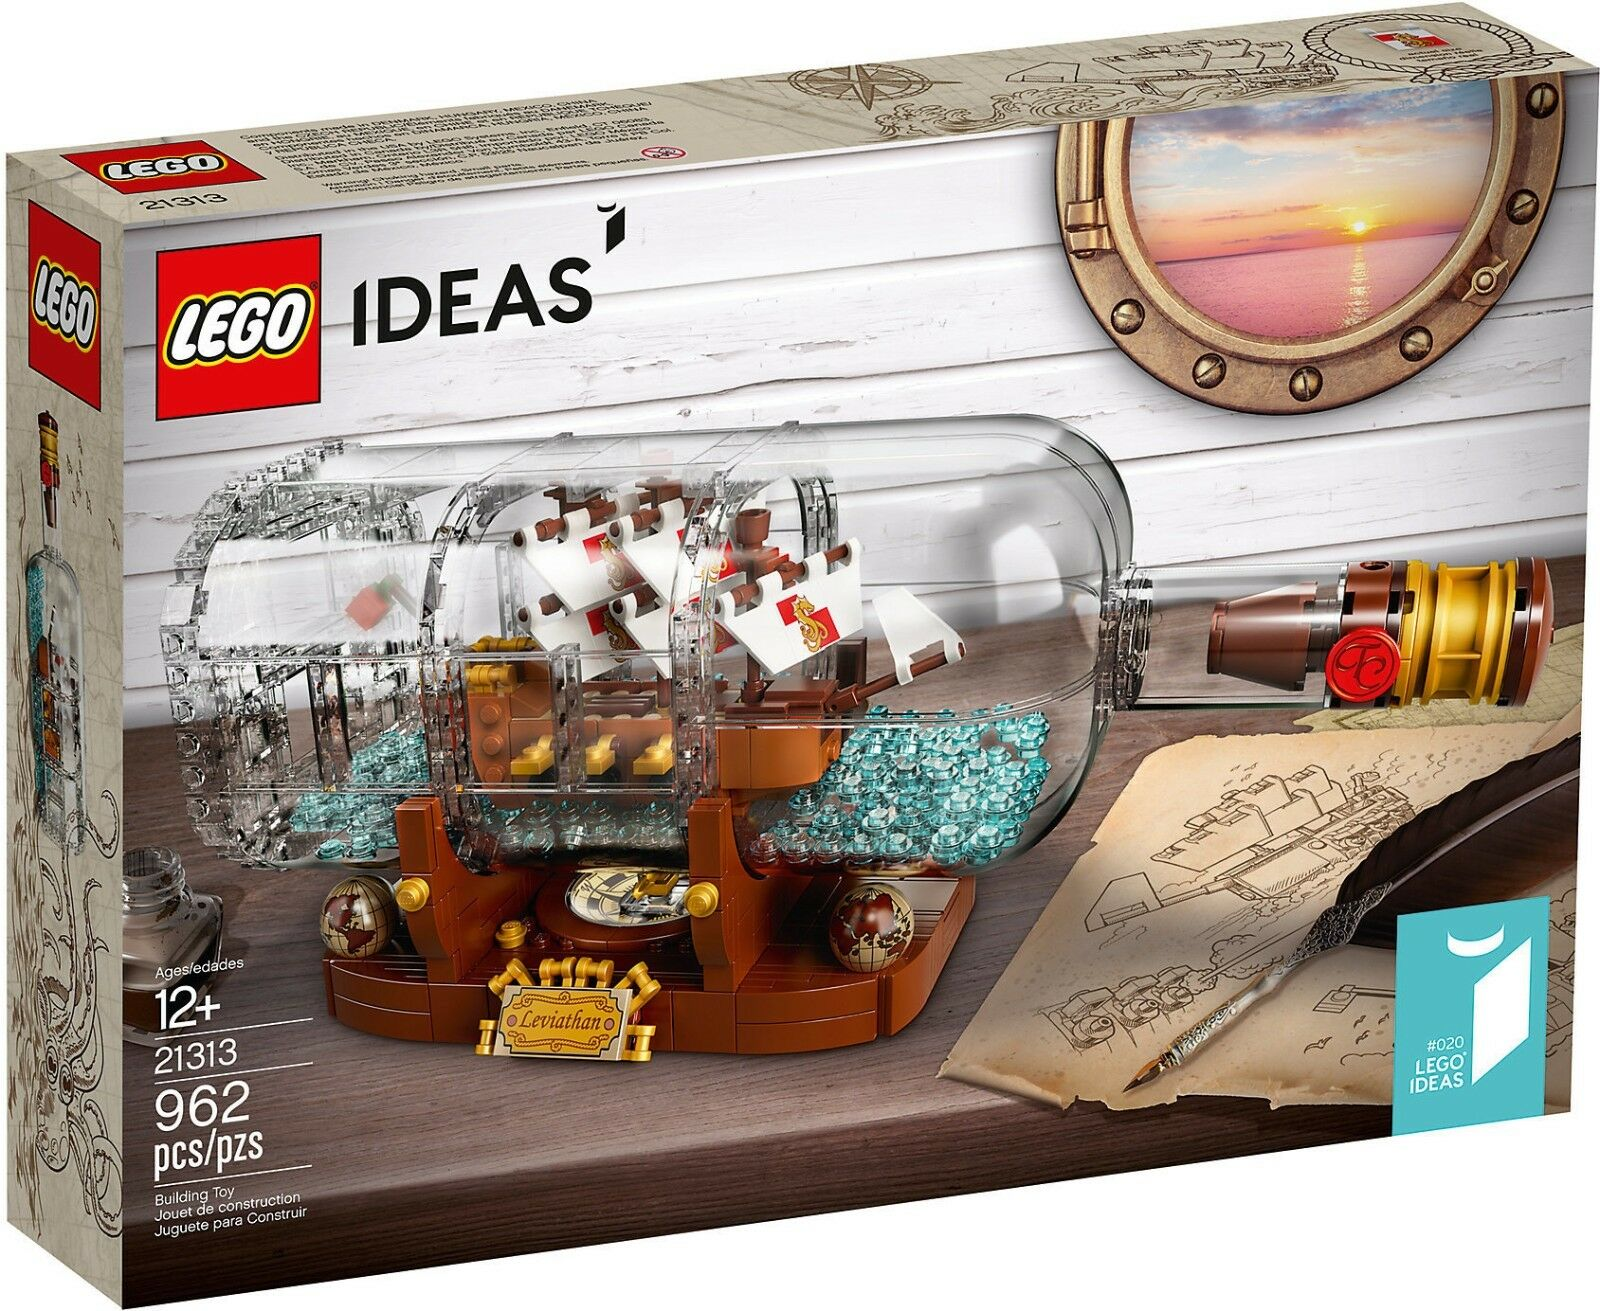 LEGO Ideas 21313 - Nave In Bottiglia NUOVO RARO RARO RARO 356d90